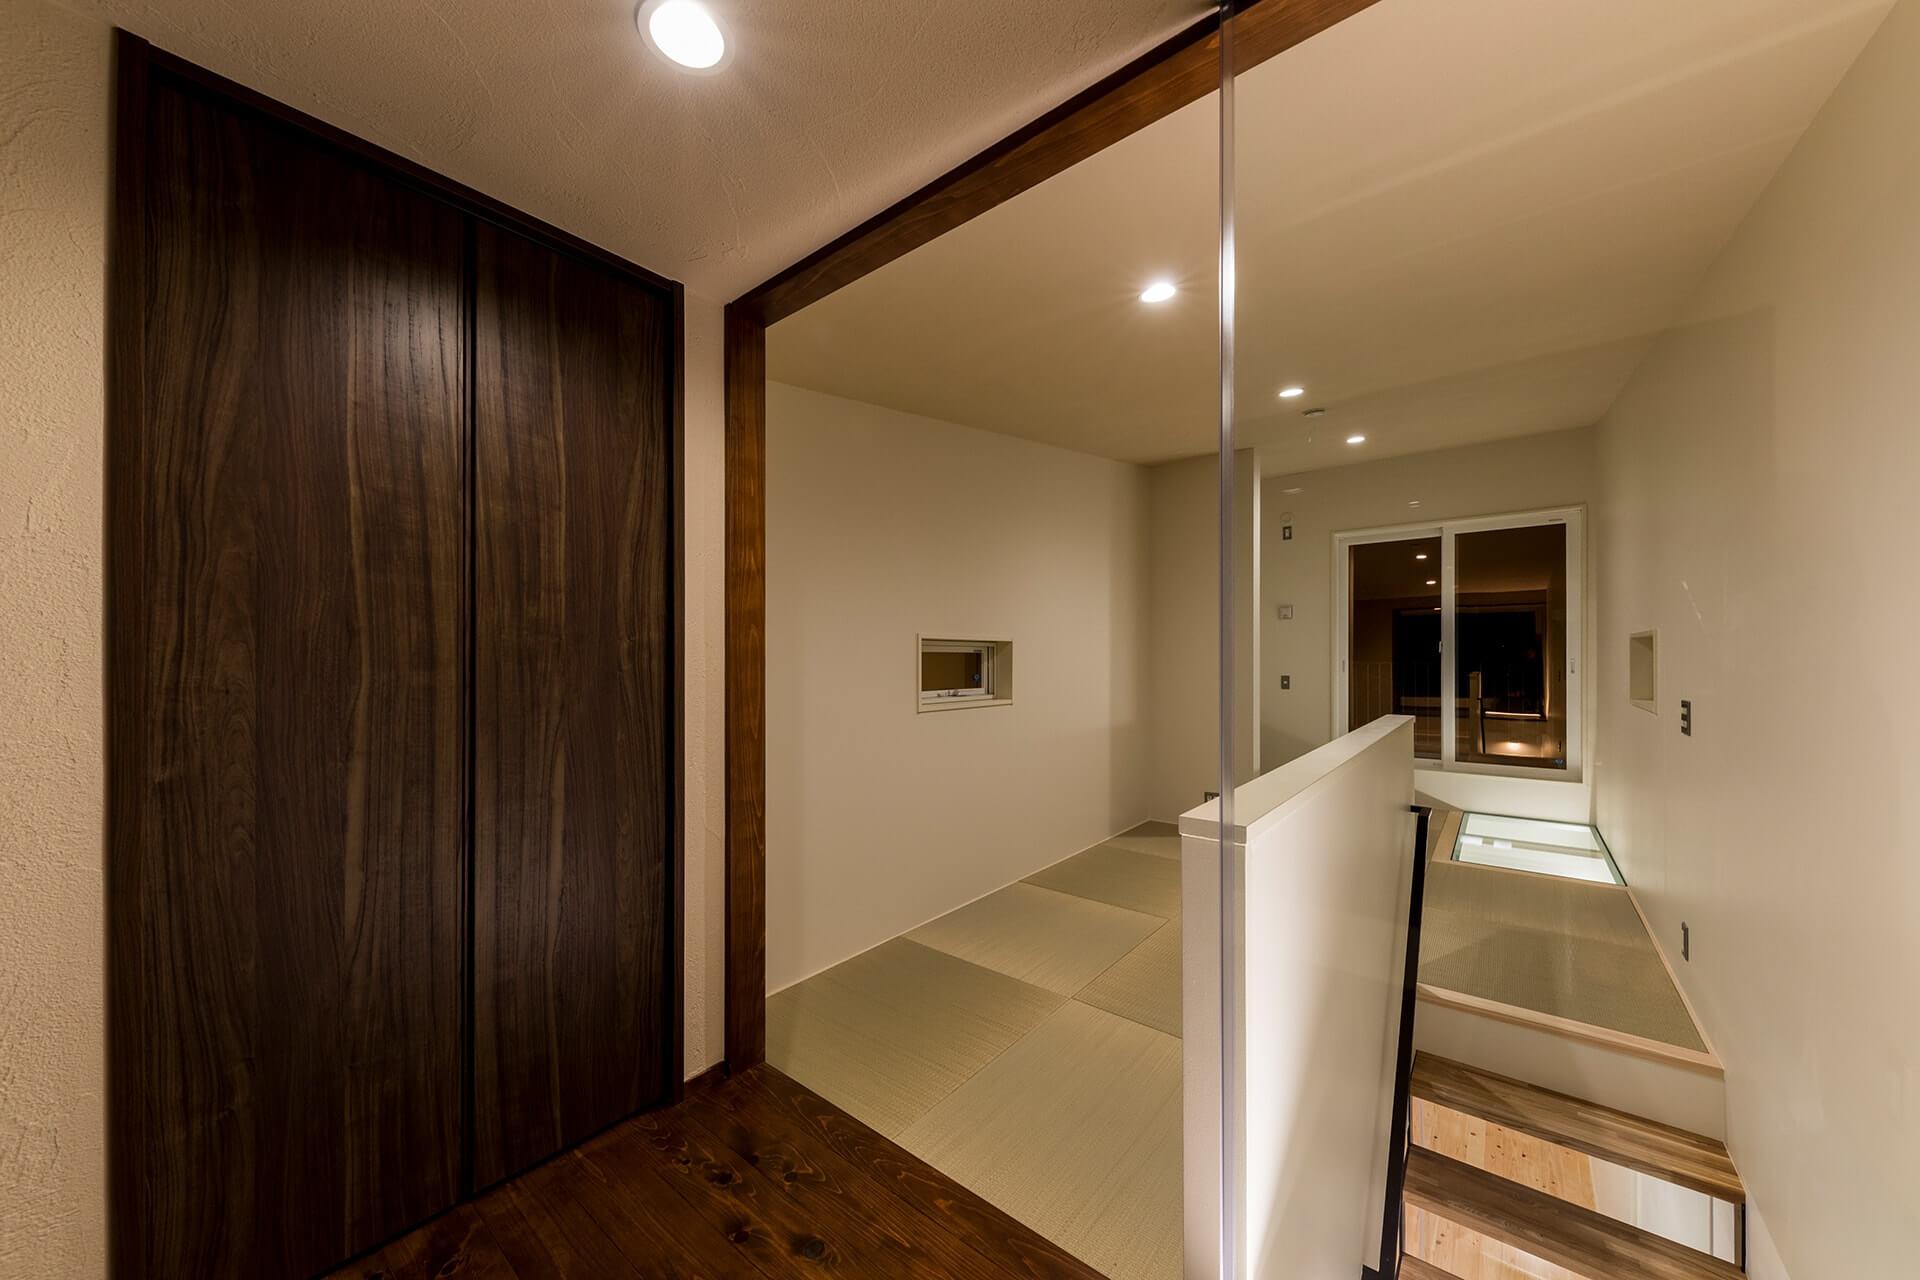 光と風が通り抜ける千駄木の立体長屋 | こだわりの自然素材・天然素材の注文住宅・リノベーション(フルリフォーム)の駿河屋